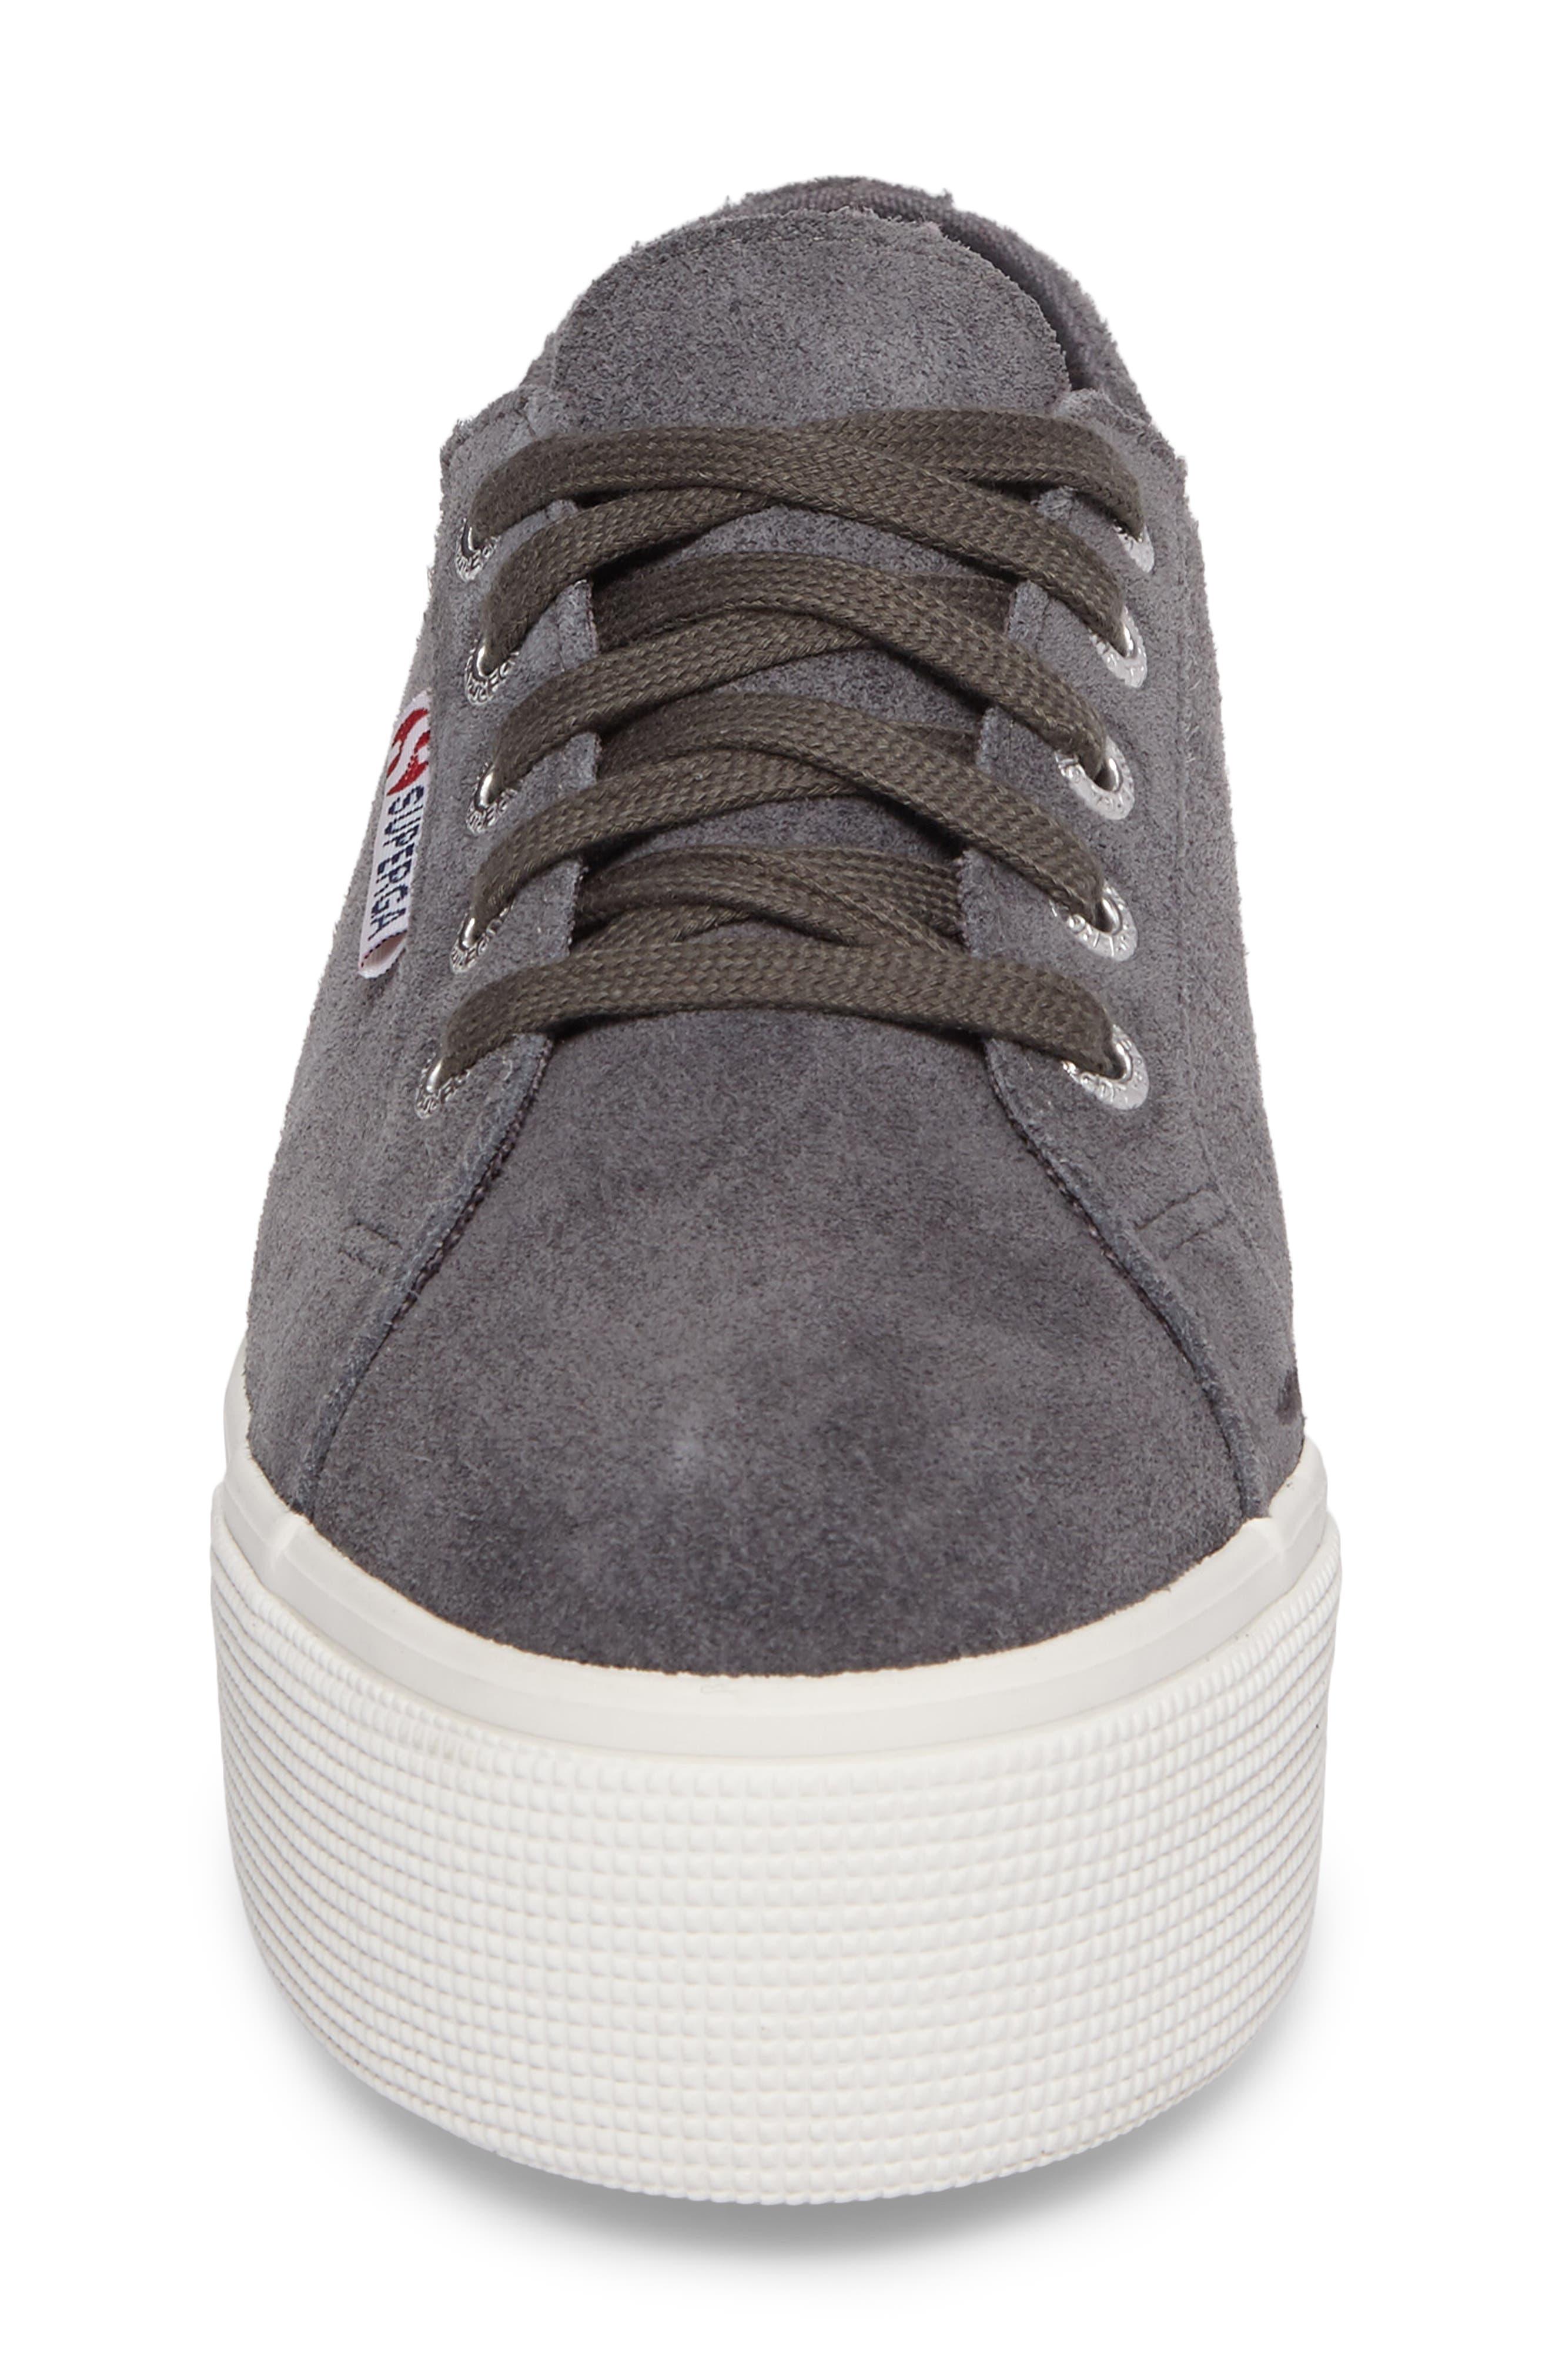 Alternate Image 4  - Superga 2790 Platform Sneaker (Women)